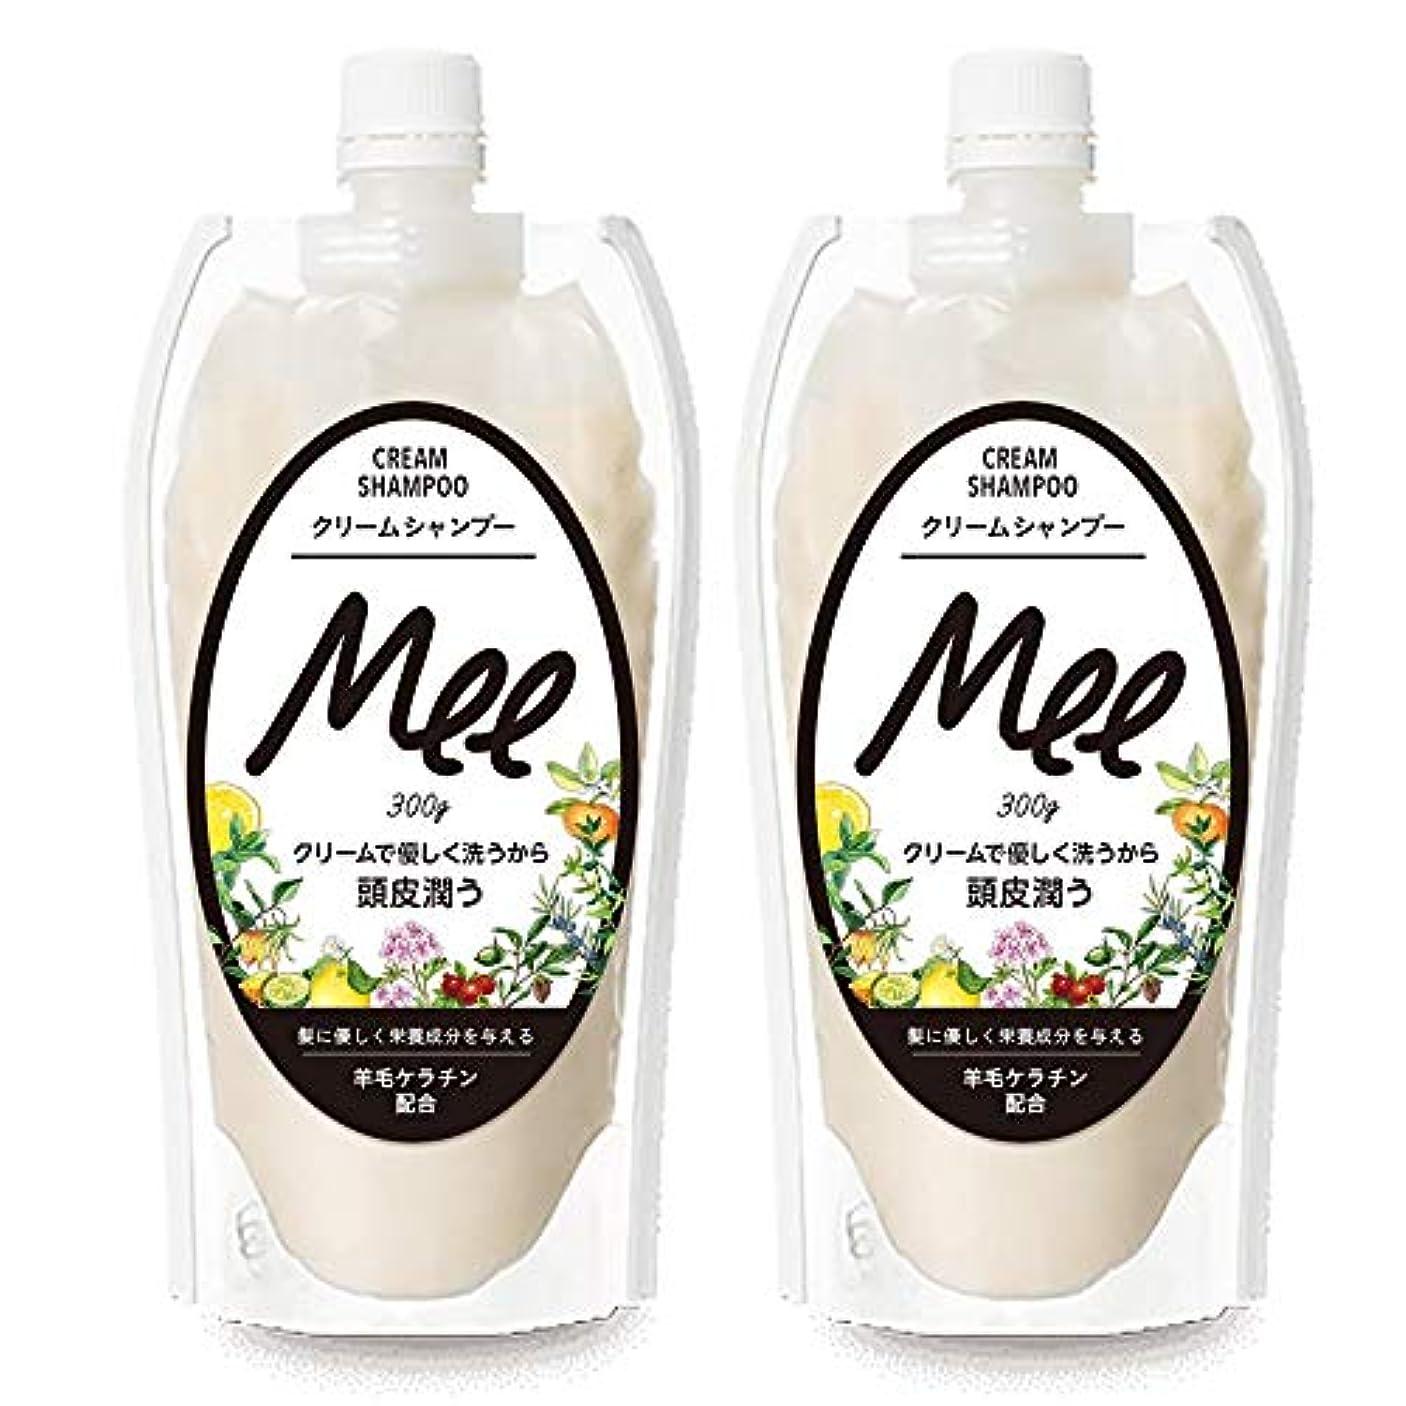 獣パラナ川脳まとめ買い【2個組】 NEW!! 洗えるトリートメントMEE Mee 300g×2個SET クリームシャンプー 皮脂 乾燥肌 ダメージケア 大容量 時短 フケ かゆみ